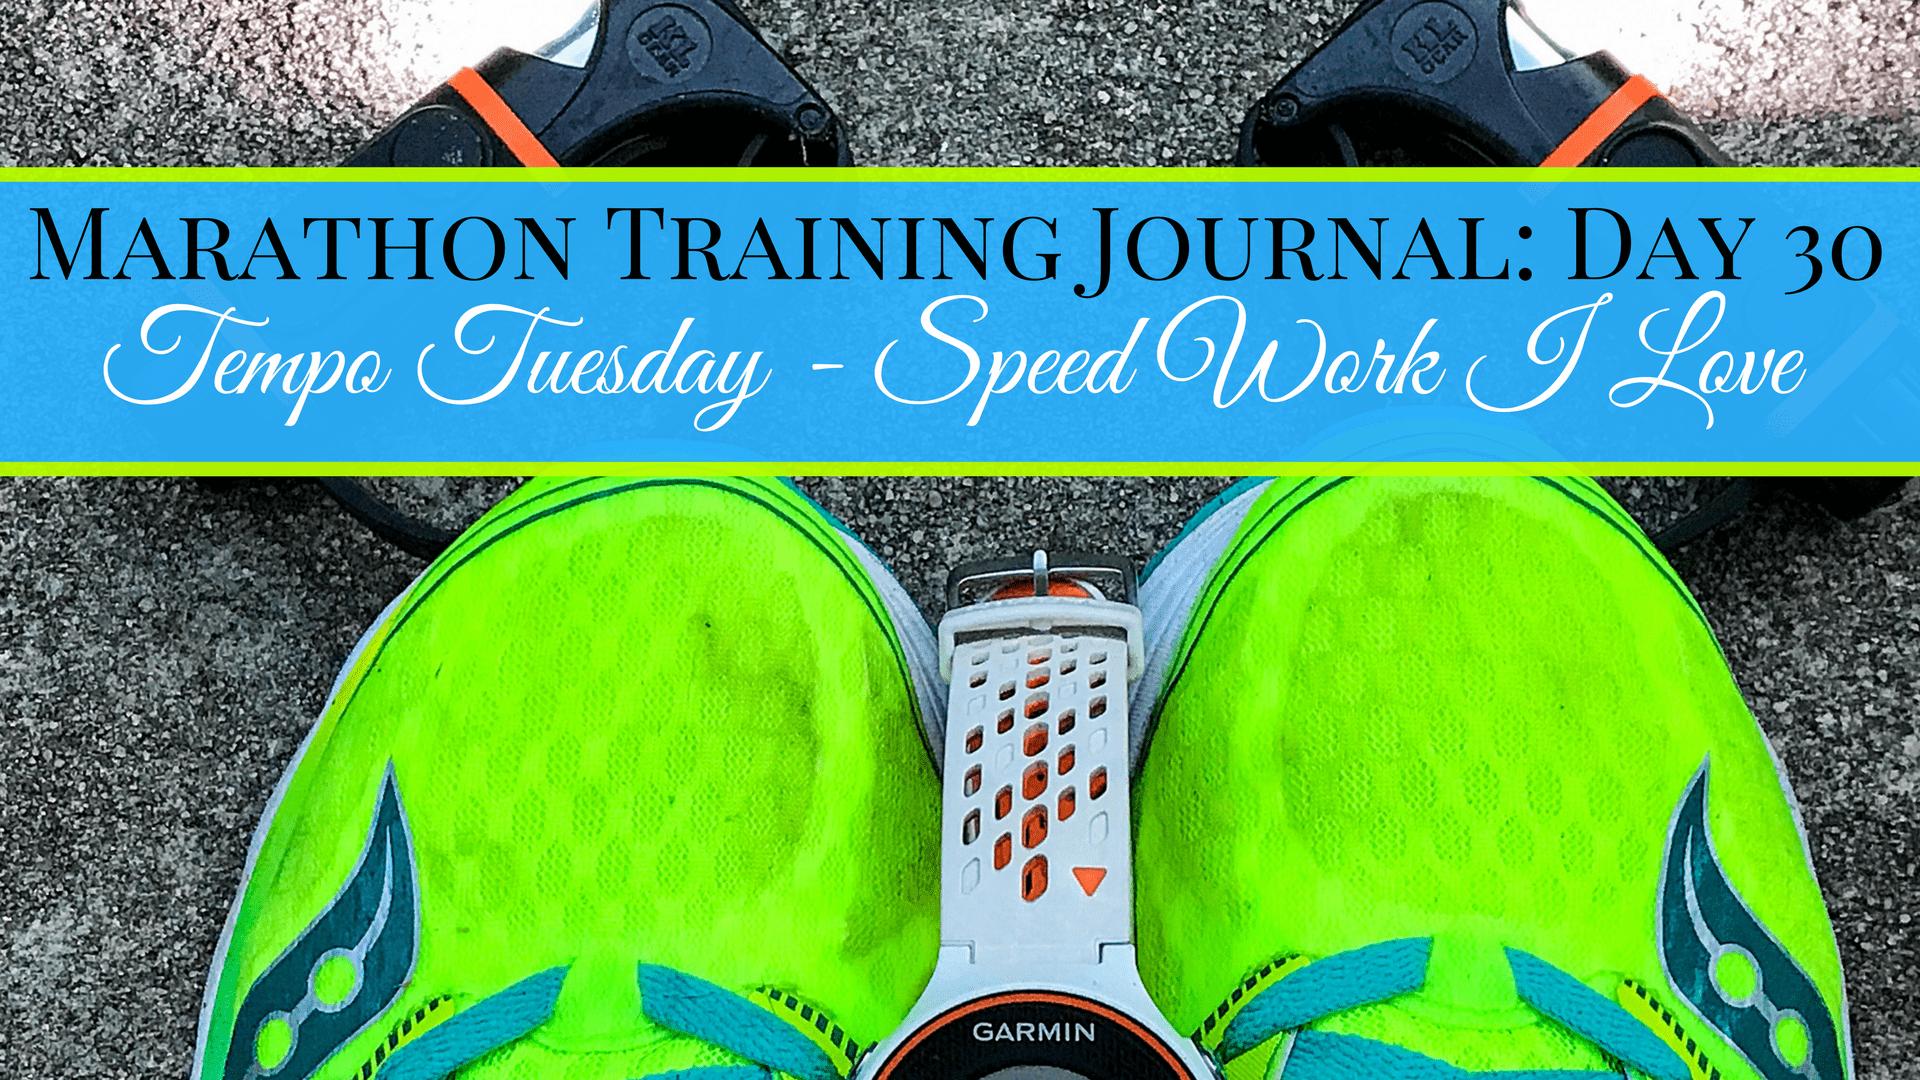 Marathon Training Journal- Day 30